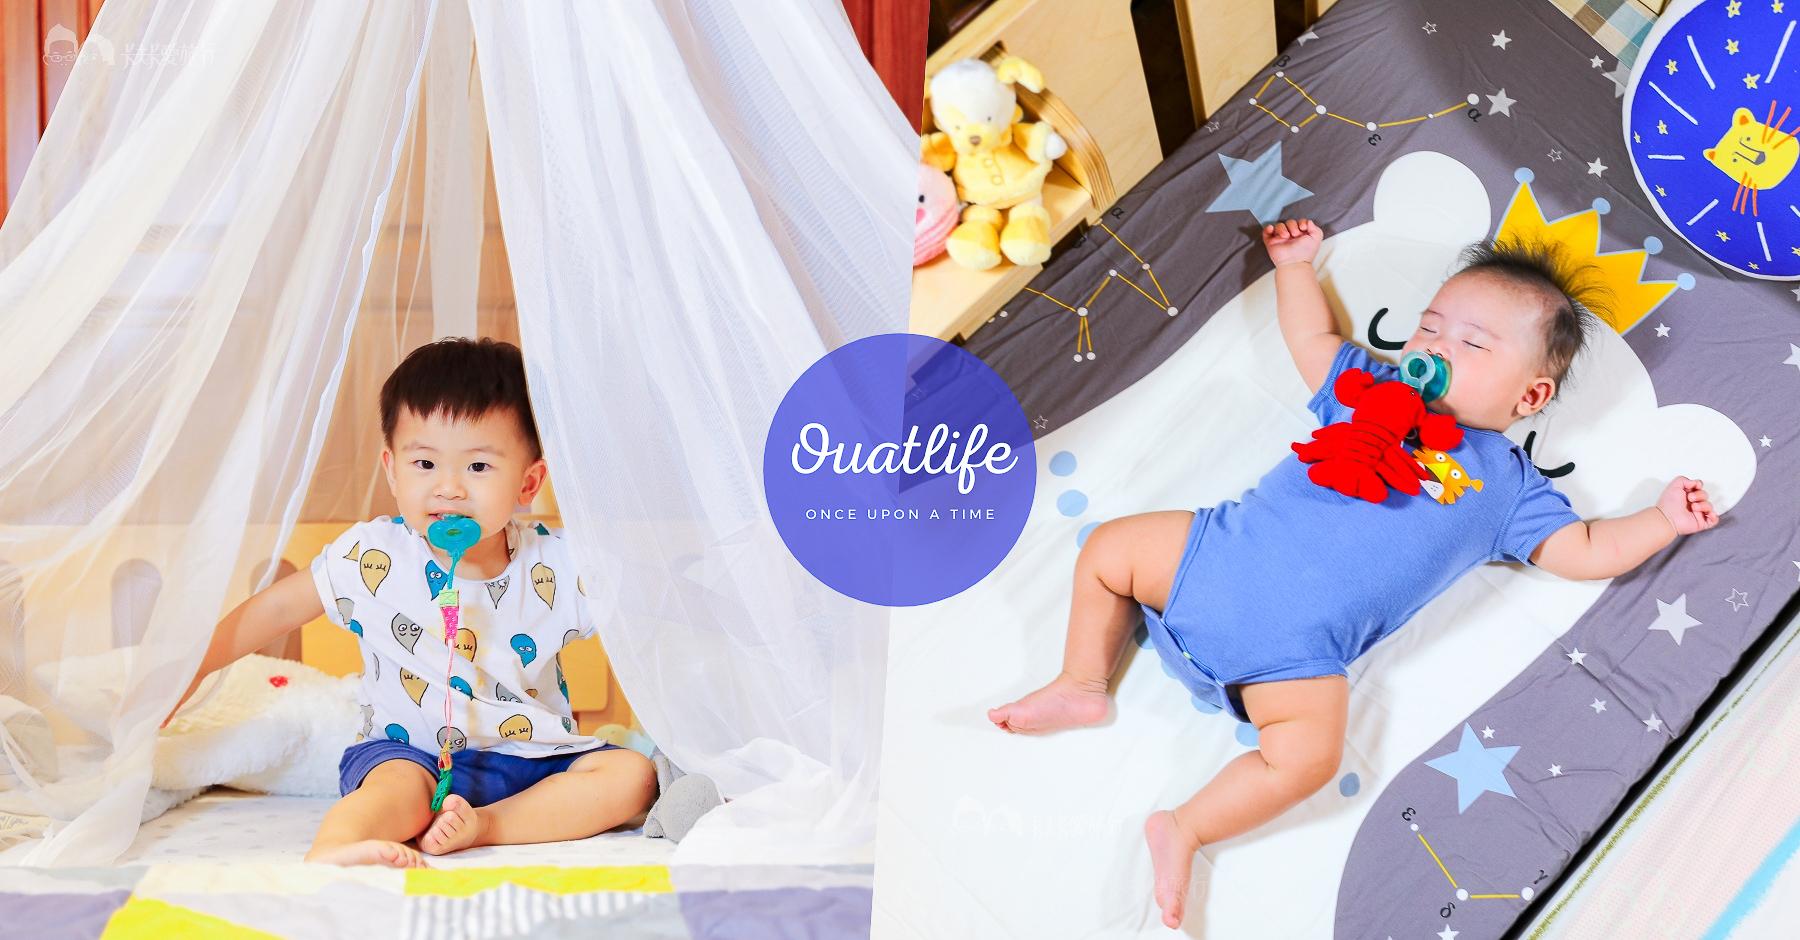 嬰兒床推薦|孩記得嬰兒床|開箱心得優缺點評價!快速組裝變身遊戲床床邊床和書桌